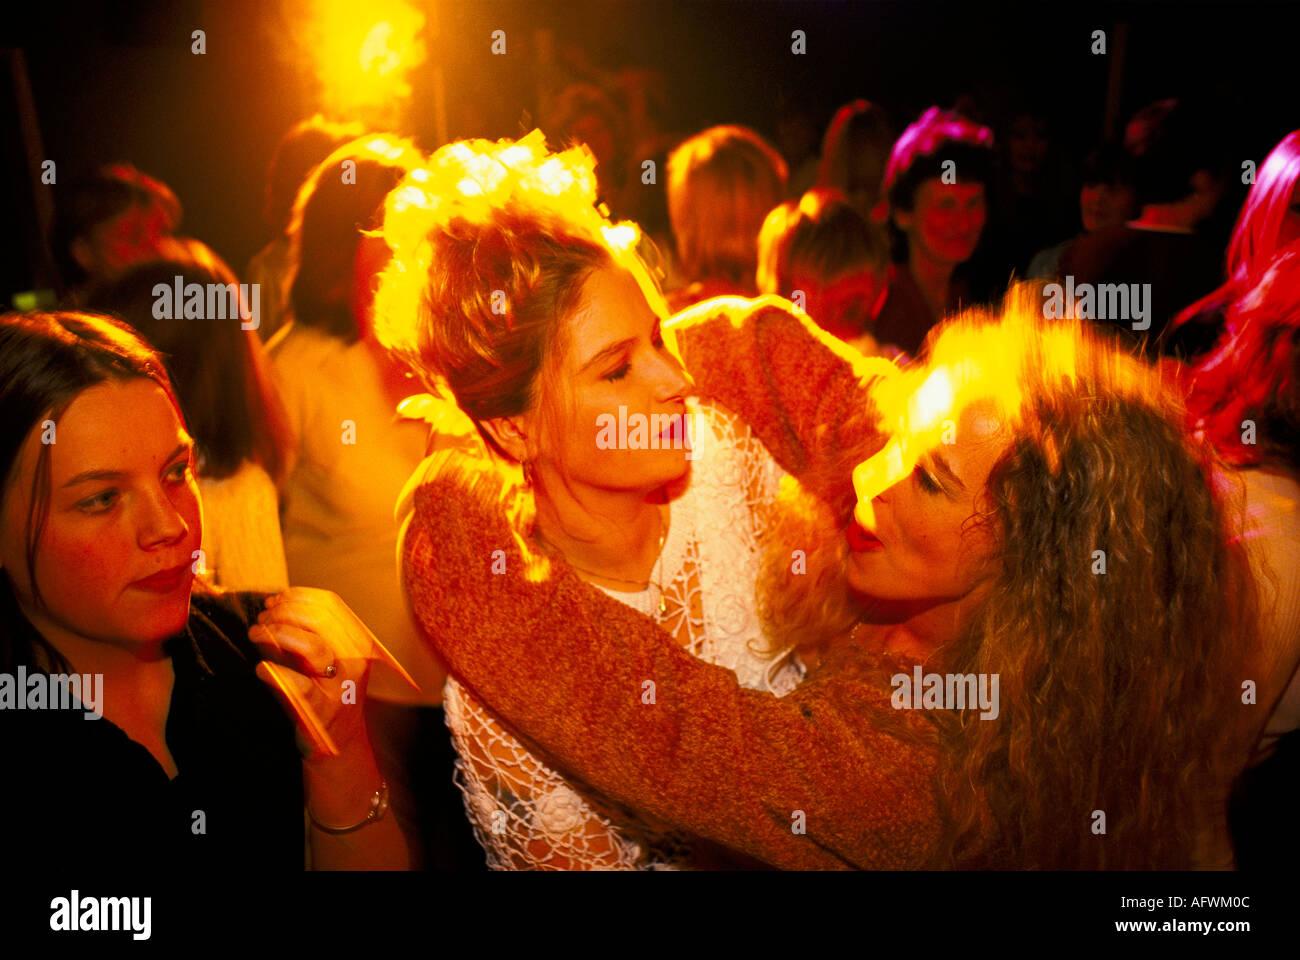 Grupo de niñas en la despedida de soltera de noche en el Club Nocturno Midland UK. Las niñas sólo por la noche. Imagen De Stock